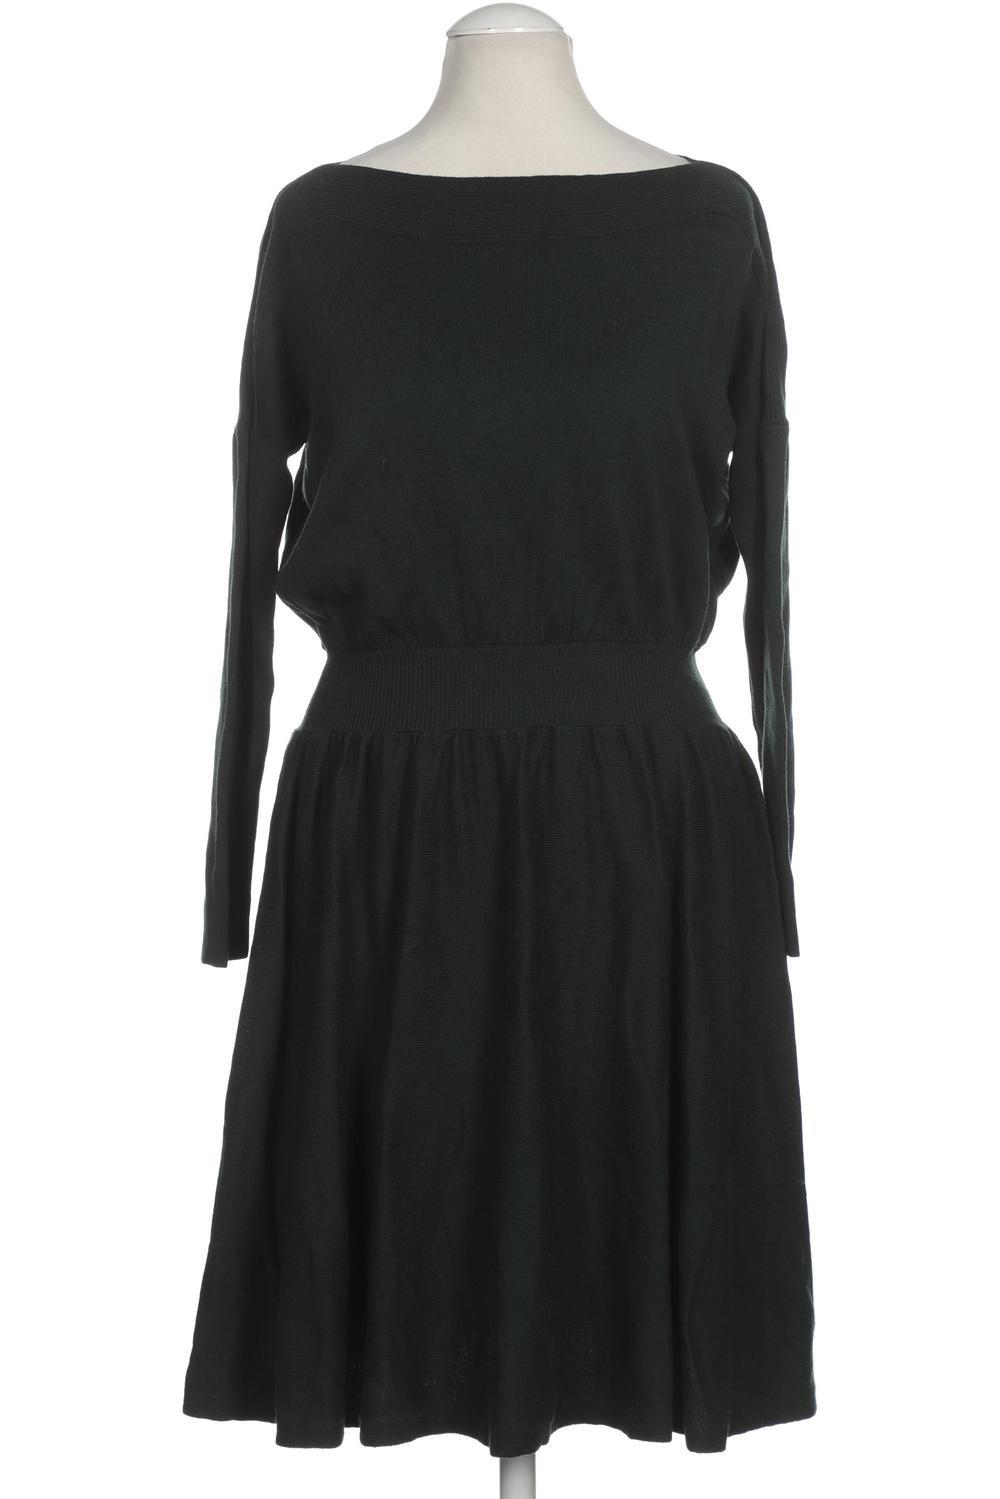 details zu mint & berry kleid damen dress damenkleid gr. xxs kein etikett  grün 6e7a105